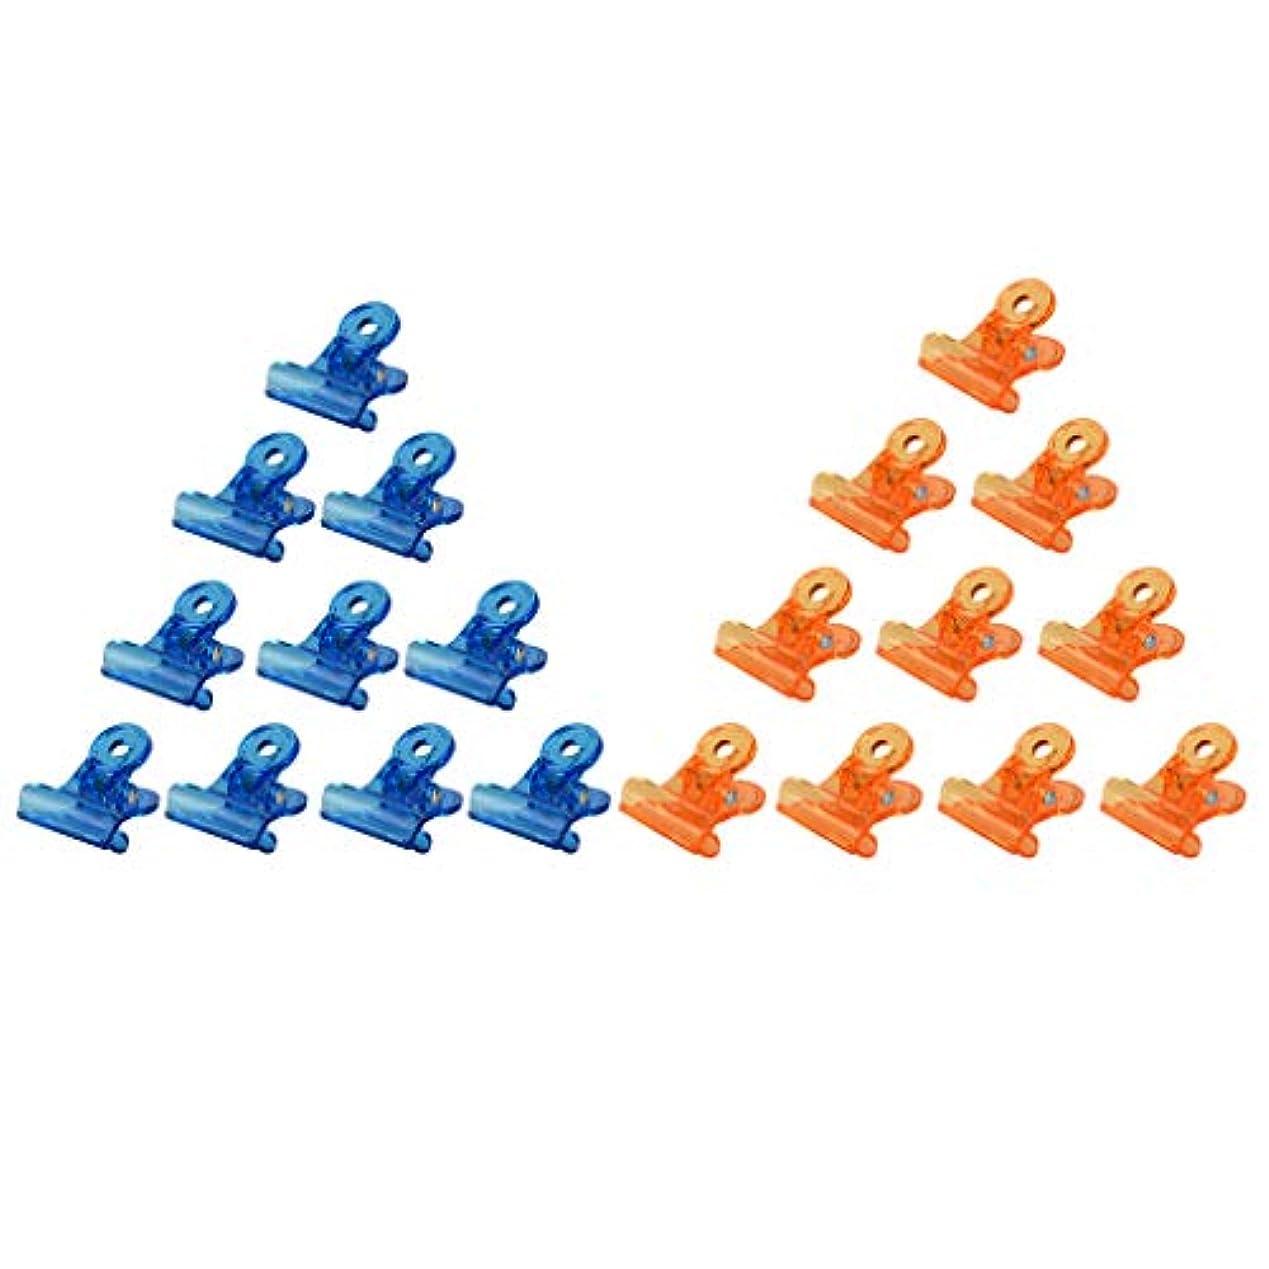 並外れた老人ずっとCUTICATE ネイルクリップ ネイルアート ジェルネイルポリッシュ クリーナー ネイルツール ネイルクリップ 全3種 - オレンジ+ブルー